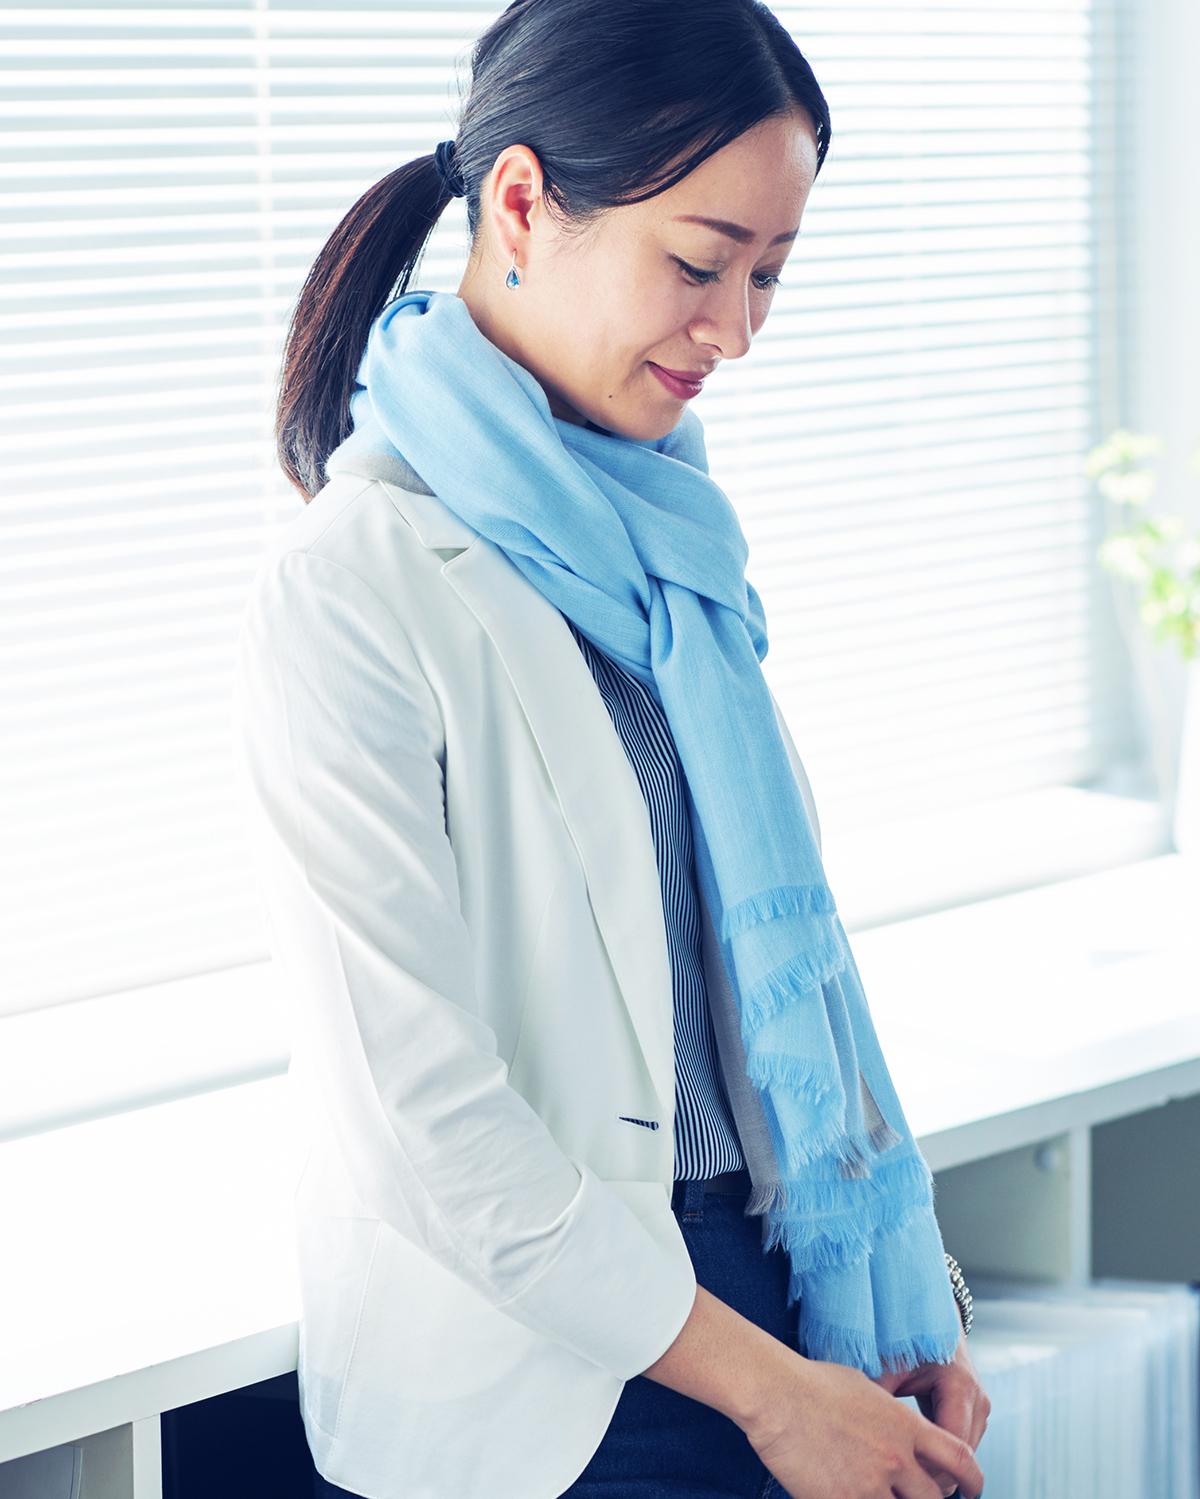 急に冷え込む季節の変わり目や、クーラーで冷えたオフィスや電車で、ホッとするような、自然の暖かさ。大人のパステルカラーと光沢感で顔色明るく。肌触りも、うっとりするほど柔らかい上質な薄手の大判ストール|ADOS(エイドス)NAGI